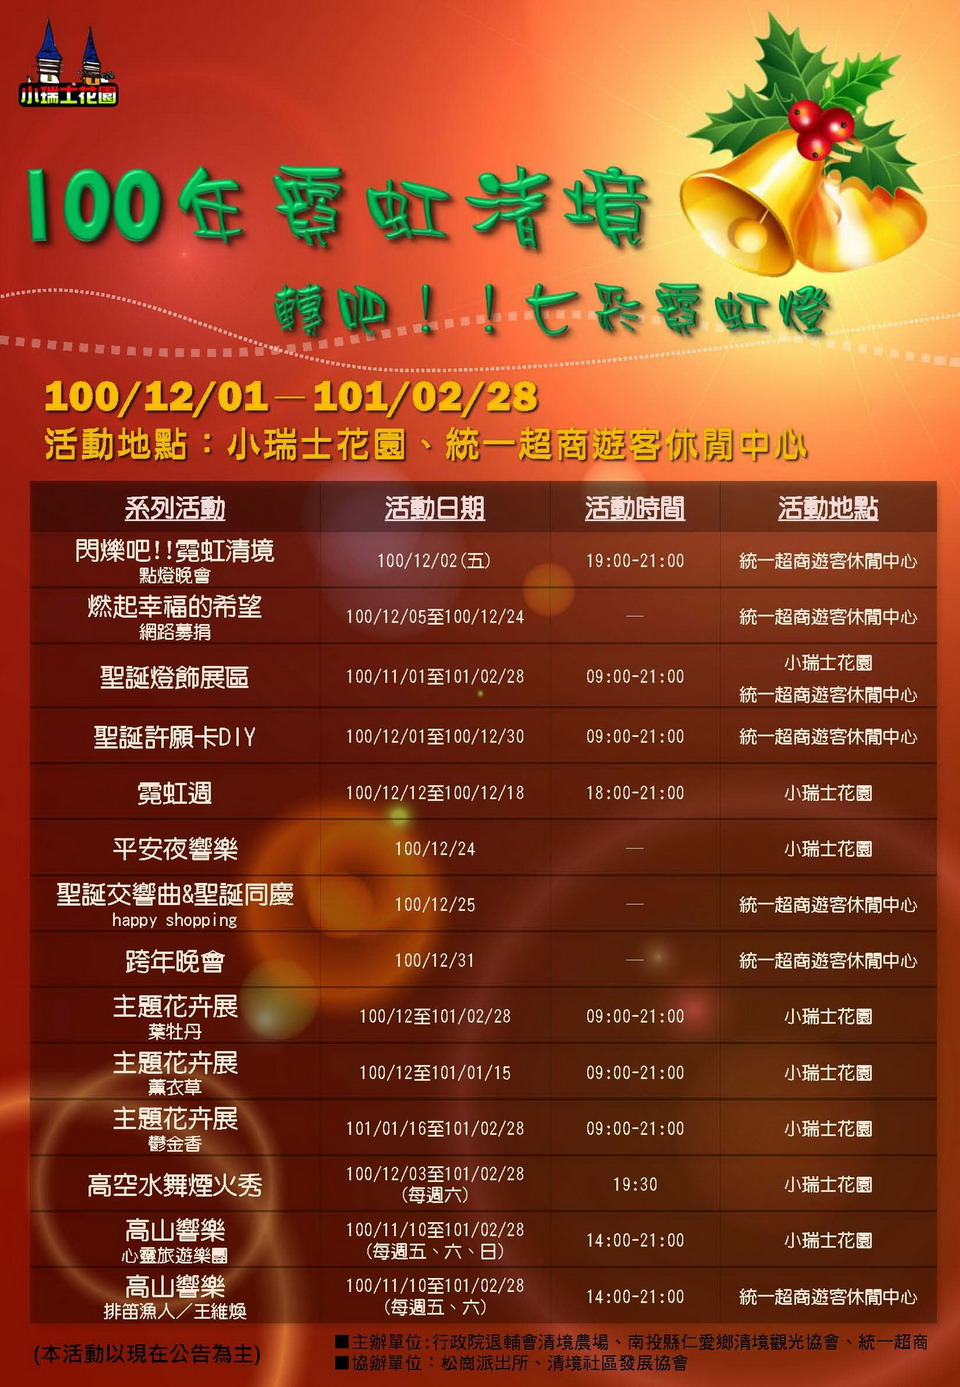 100年霓虹清境跨年系列活動